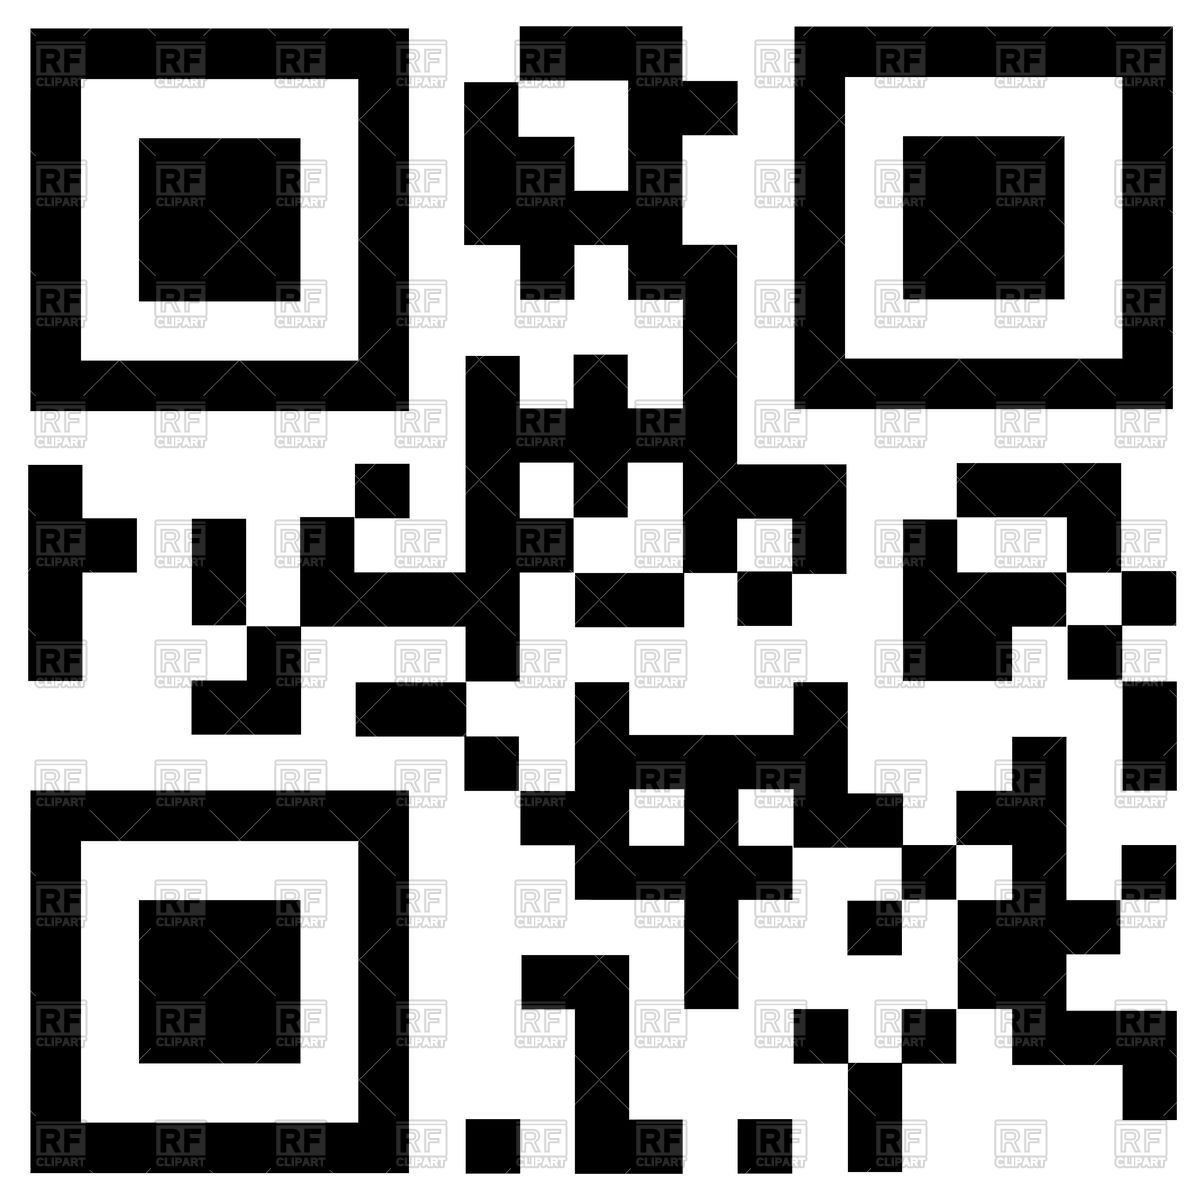 1200x1200 Qr Code Discount Vector Image Vector Artwork Of Design